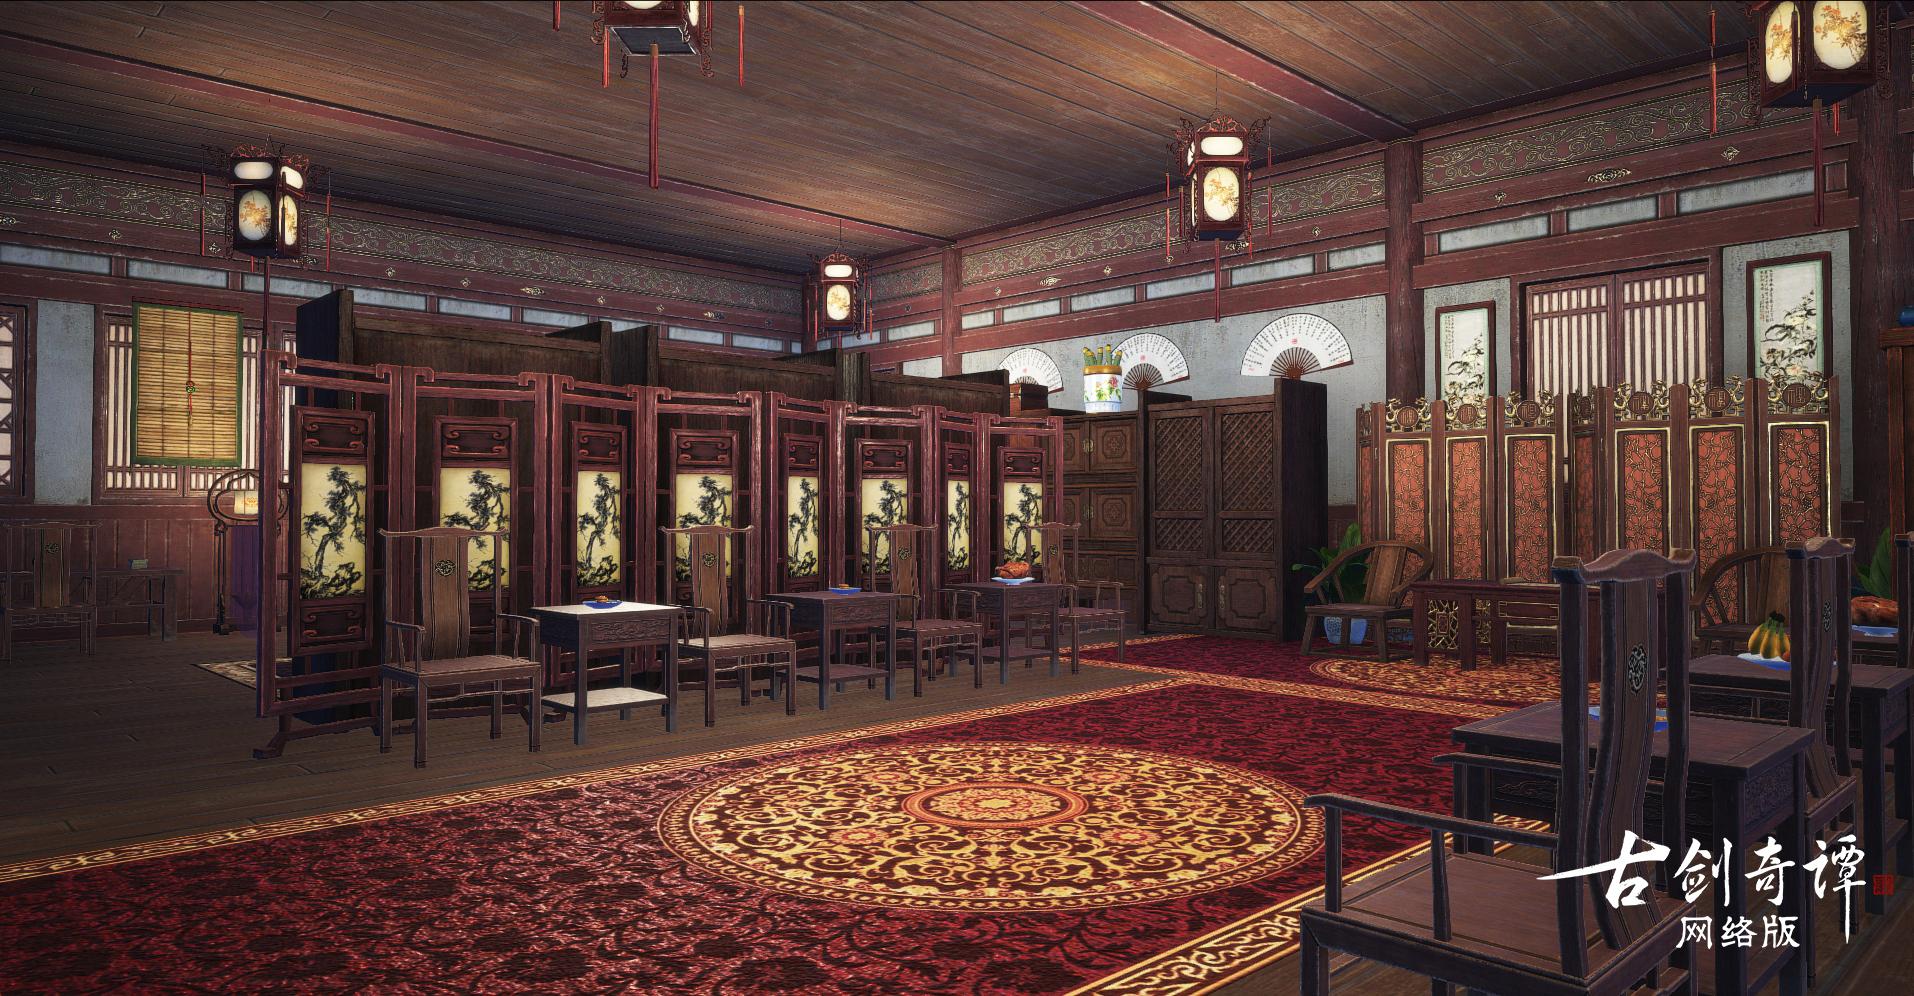 图011房间内家具可自由布置.jpg